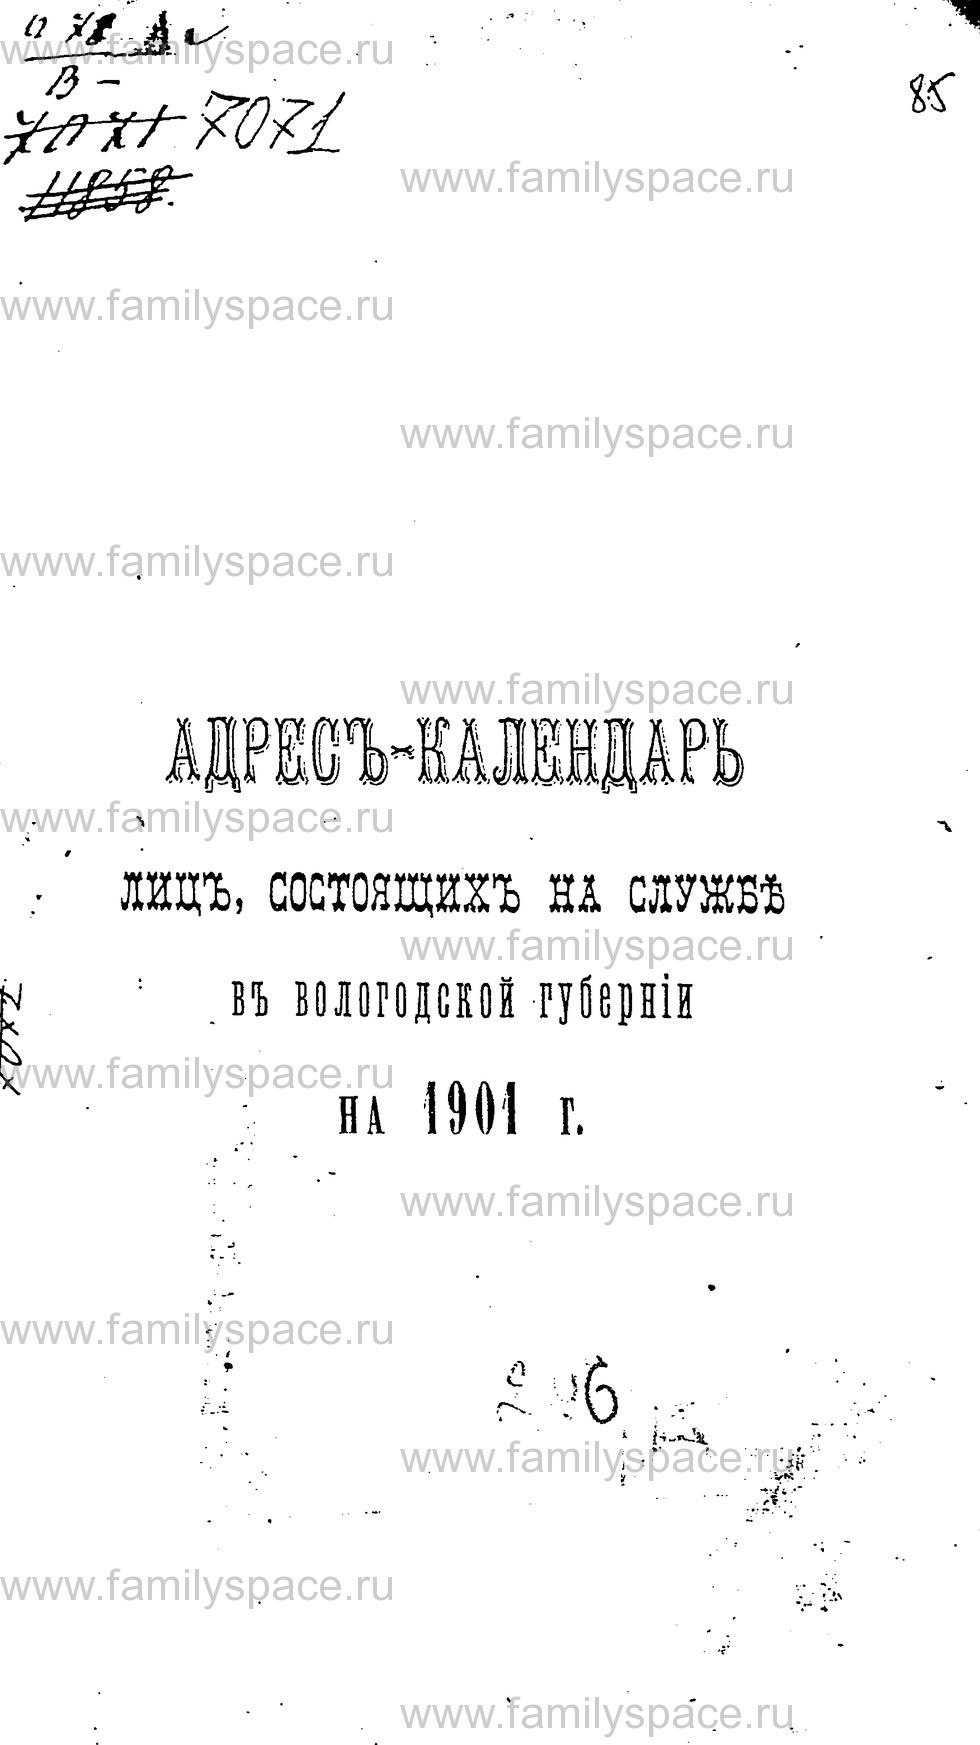 Поиск по фамилии - Адрес-календарь Вологодской губернии на 1901 г, страница 1